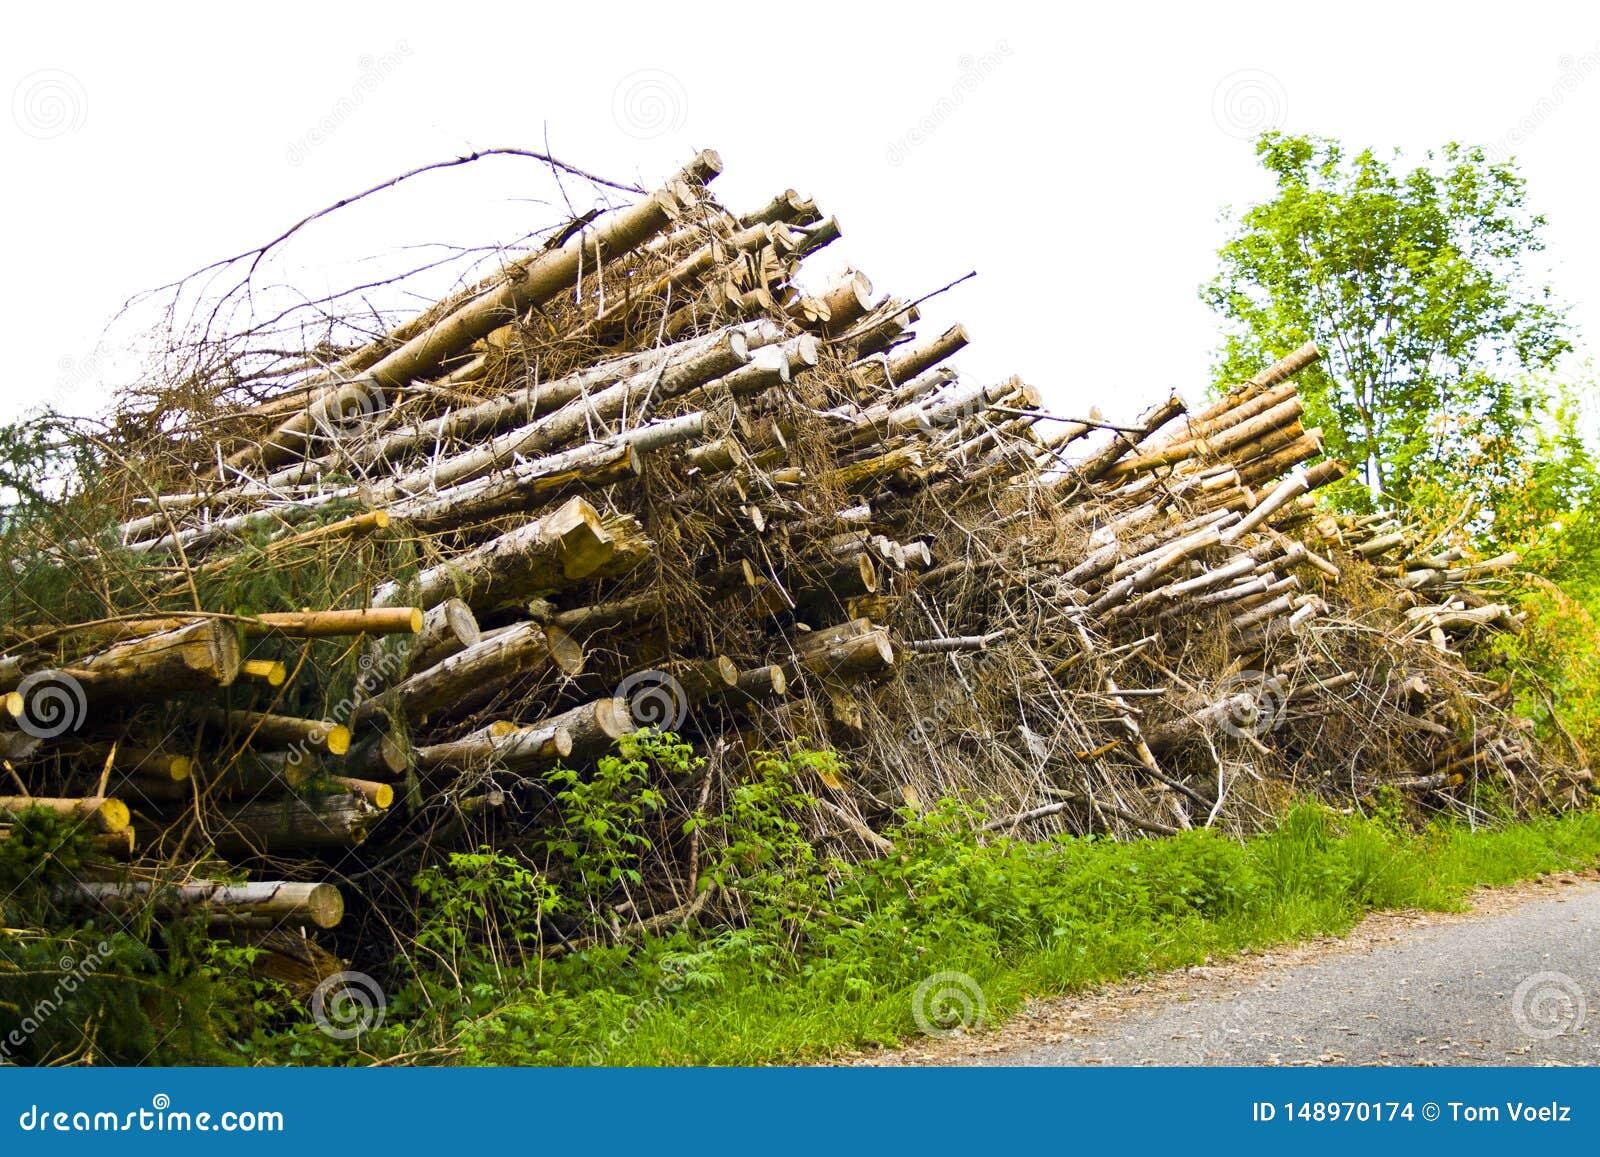 Boomstapels door ontbossing in Beieren, Duitsland